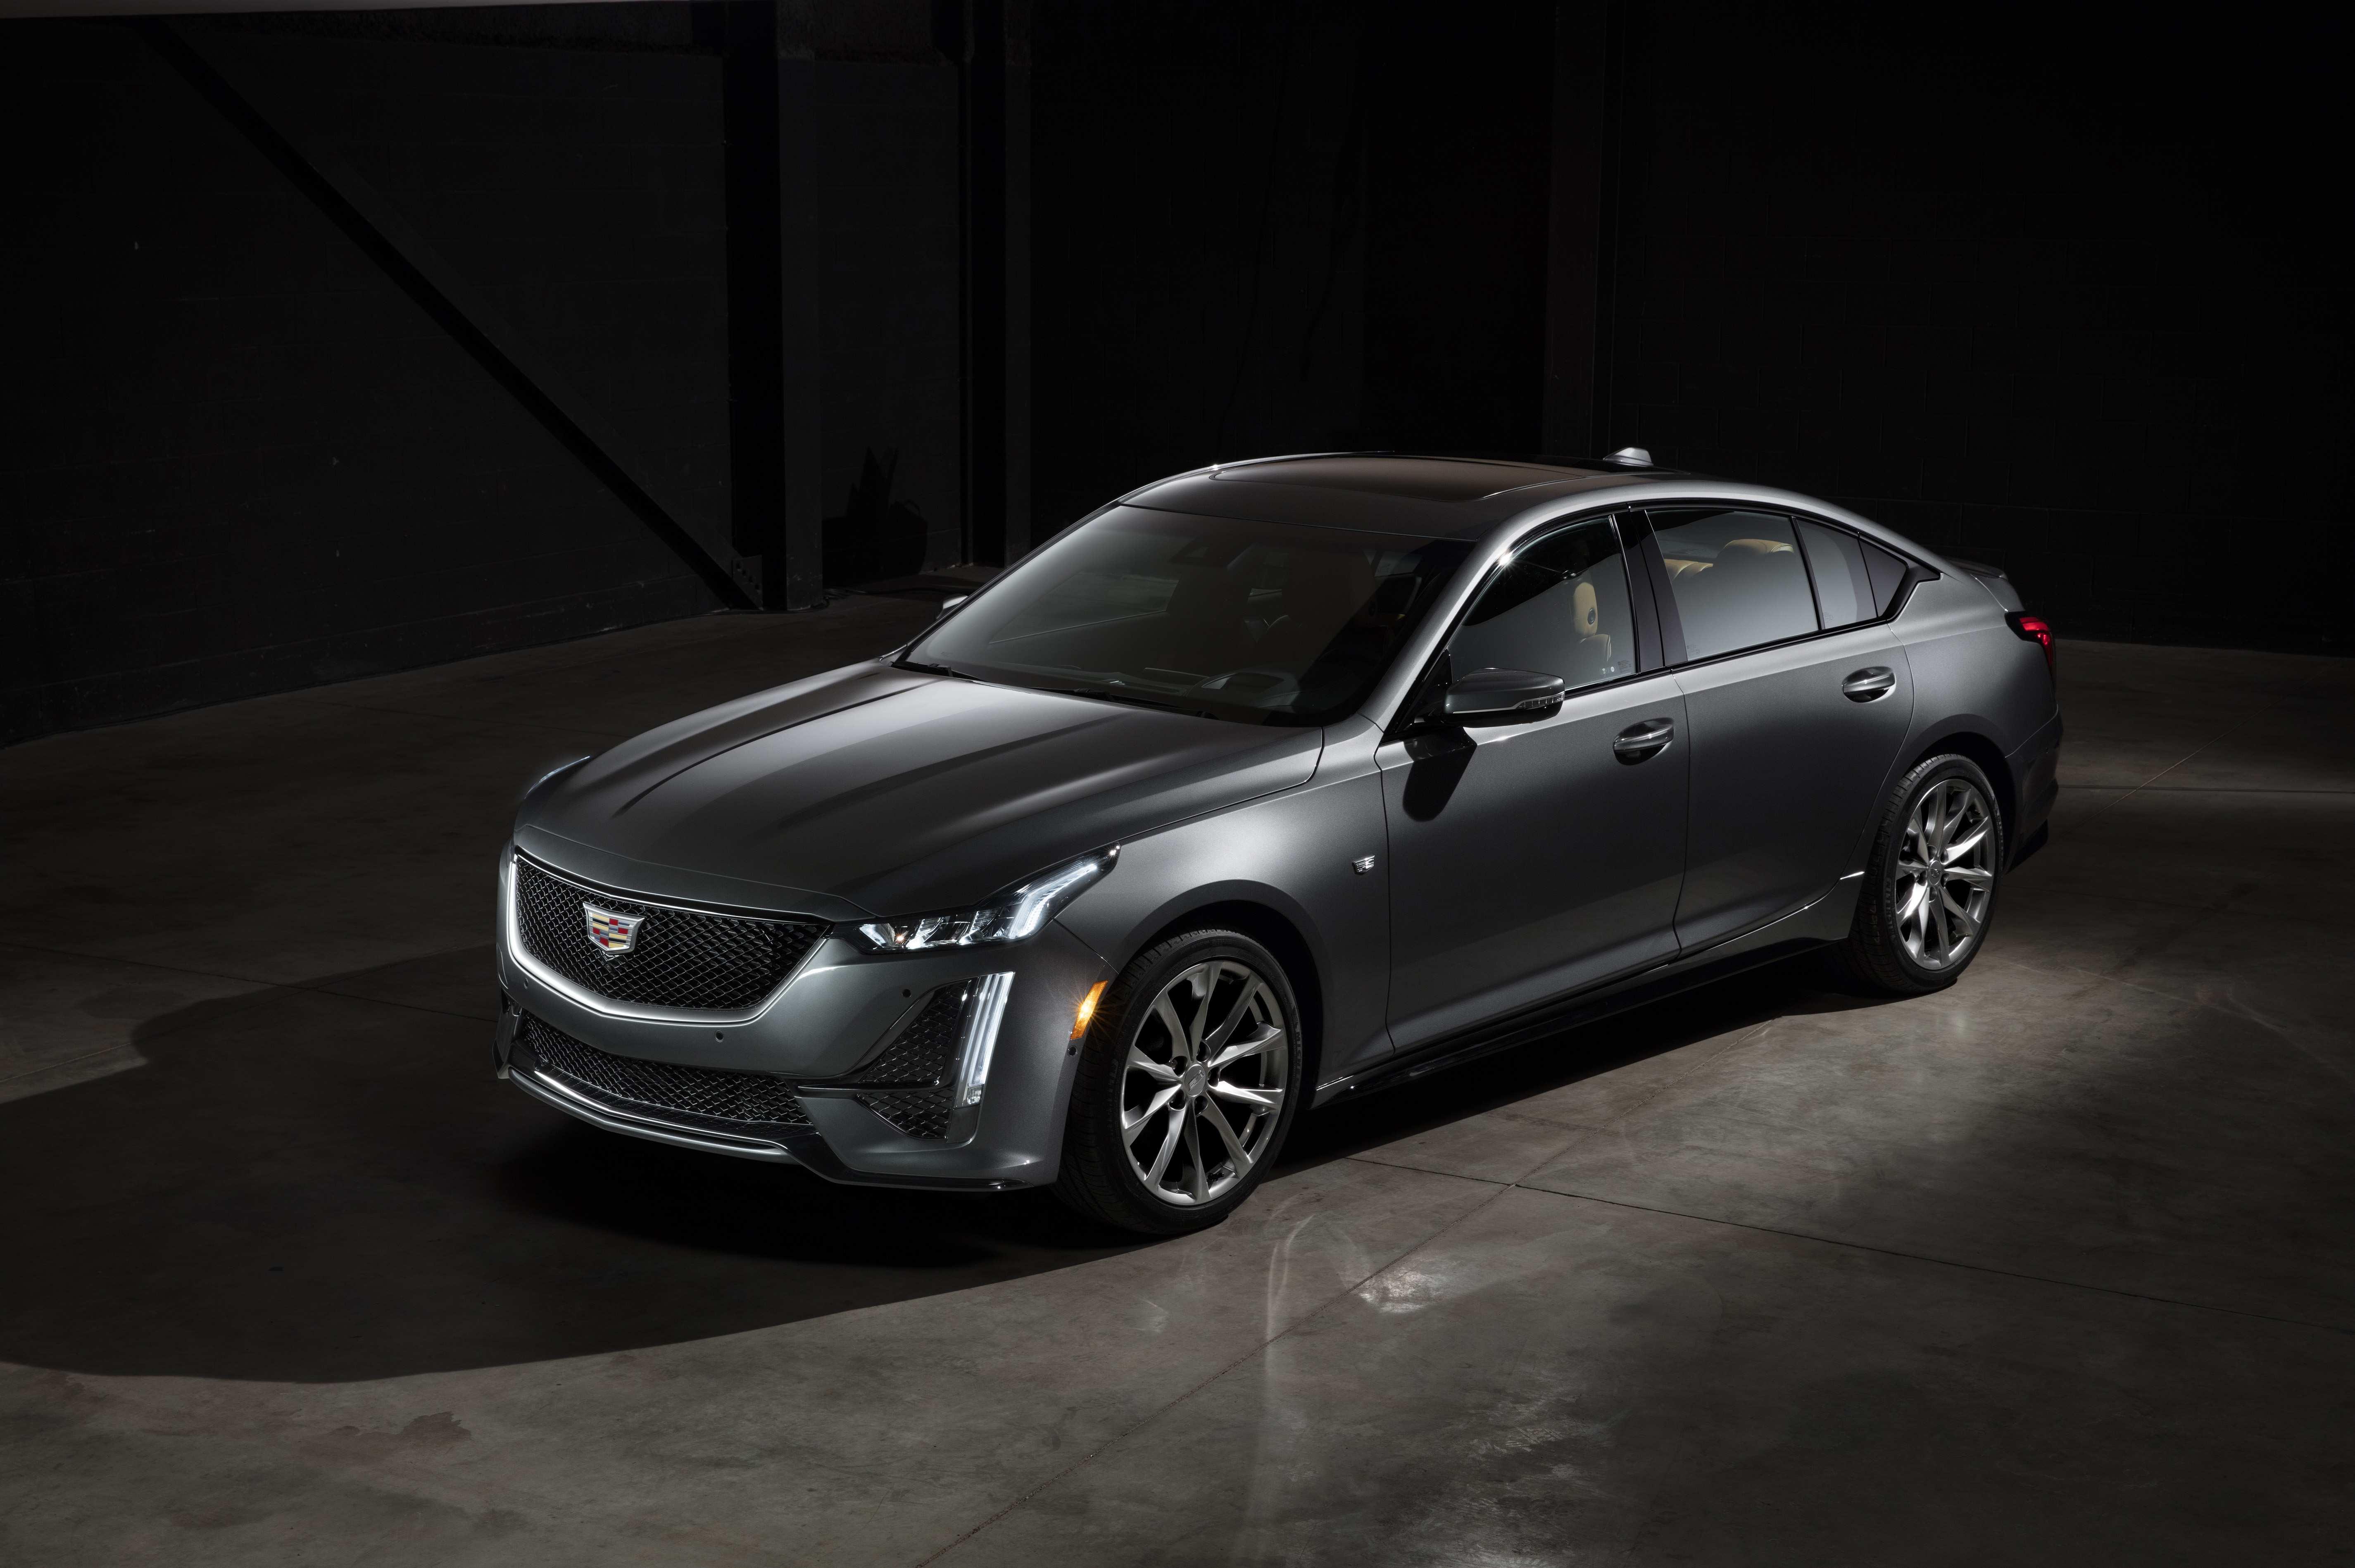 39 New Cadillac Ats 2020 Rumors with Cadillac Ats 2020